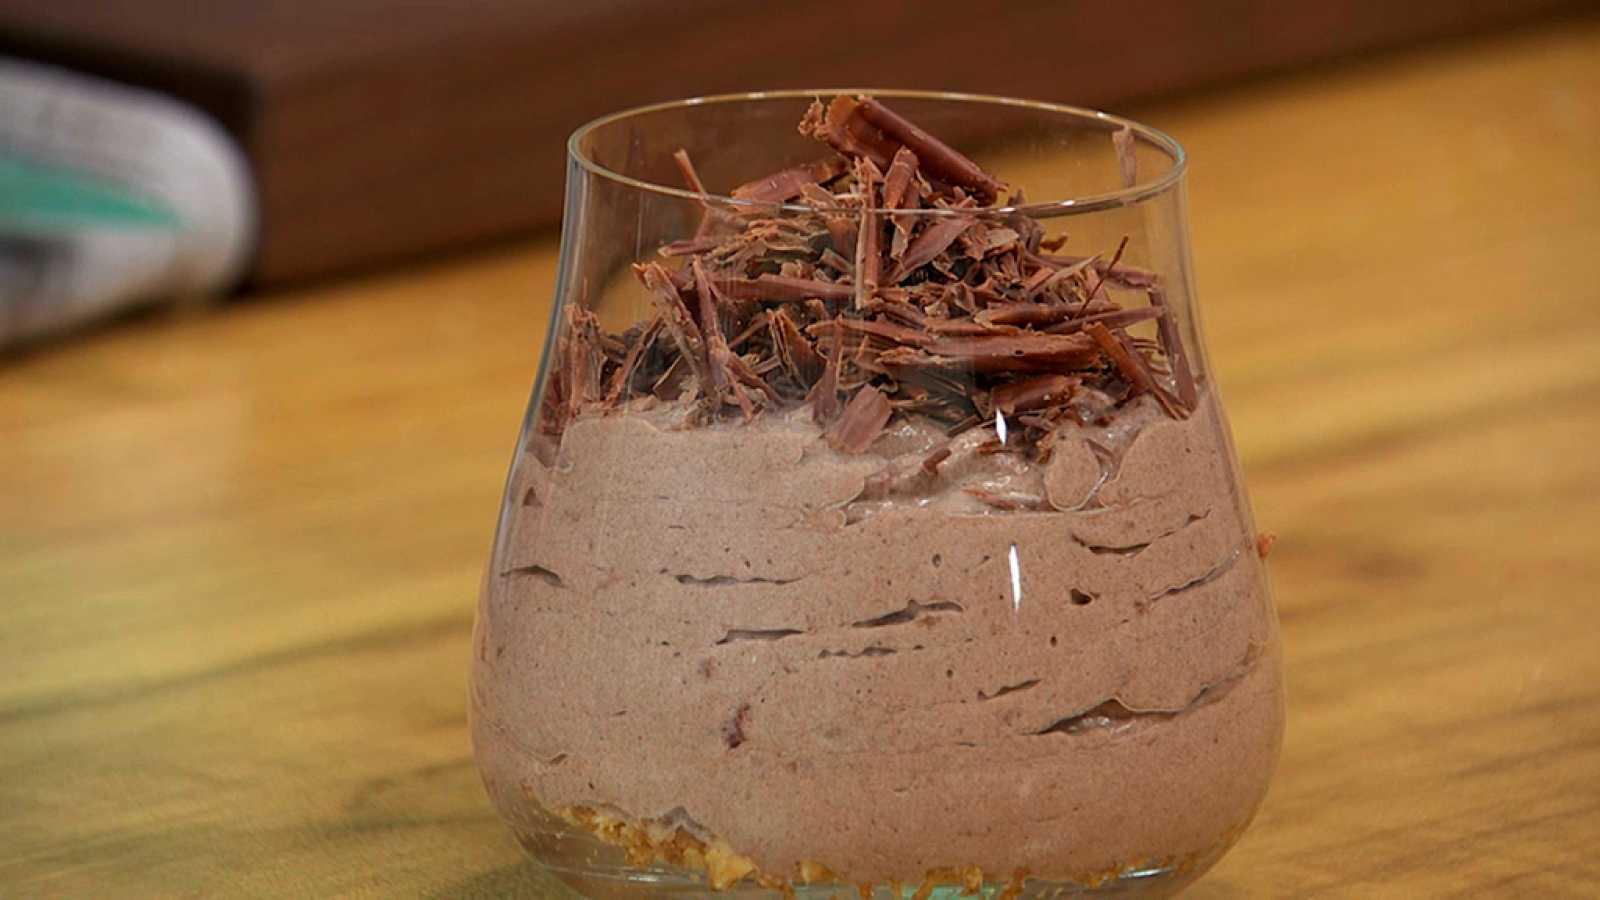 Torres en la cocina - Mousse de chocolate y vino